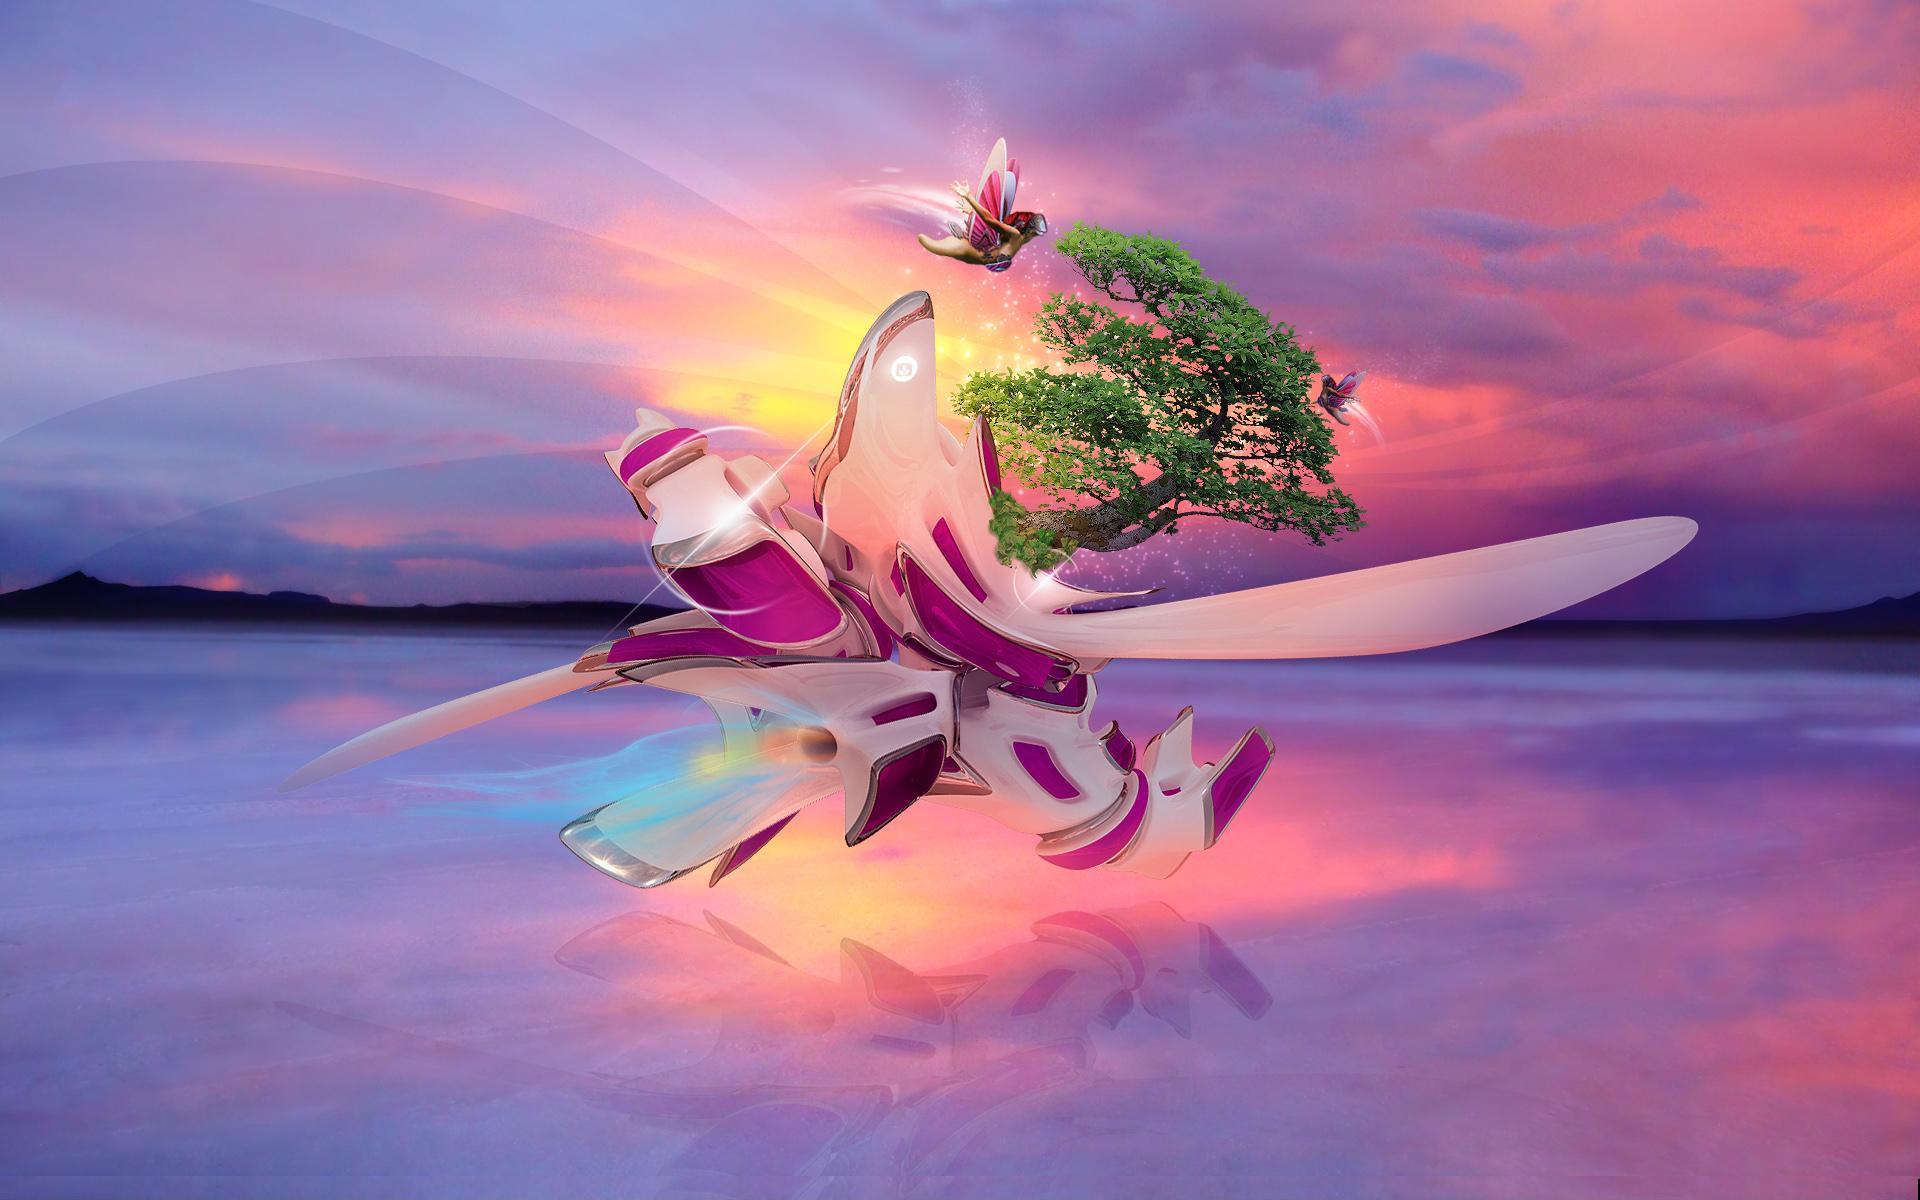 Backgrounds Surrealism Art Hd Desktop Wallpaper Widescreen: Surreal Wallpapers, Pictures, Images